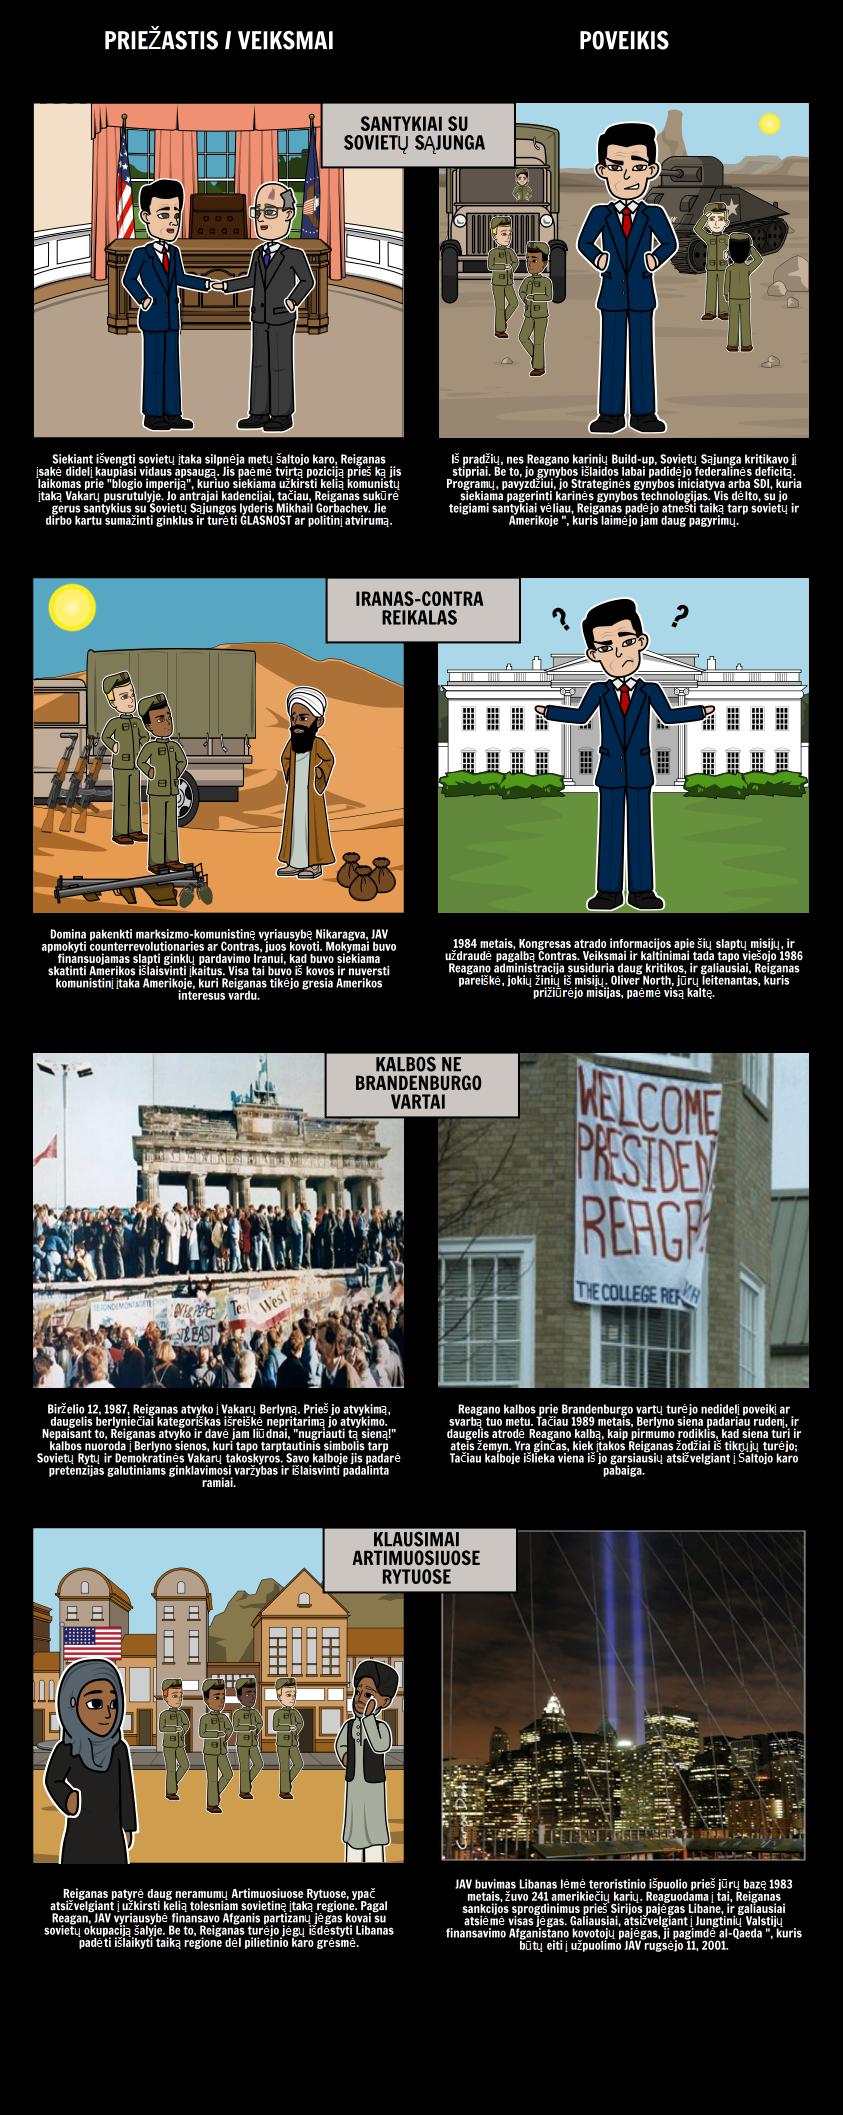 Reiganas Pirmininkavimas - Šaltasis Karas